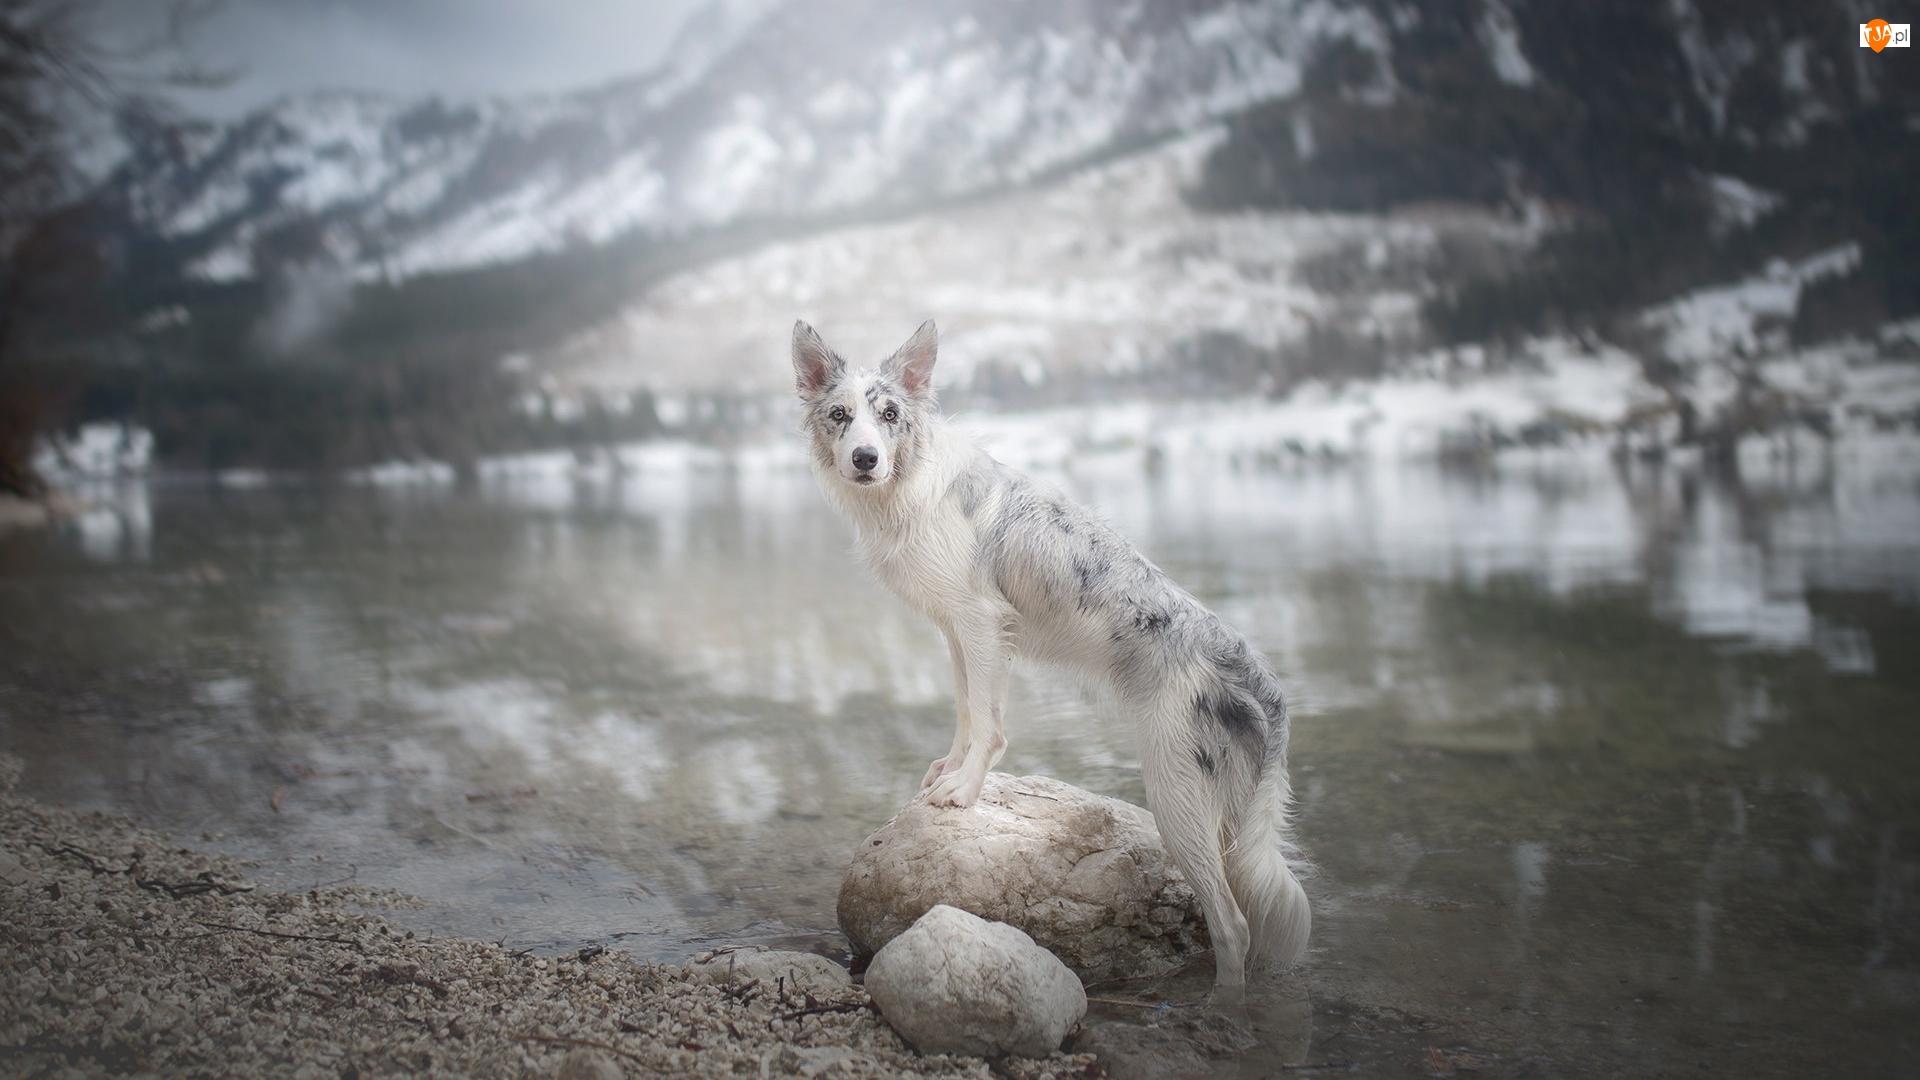 Pies, Kamienie, Border collie, Woda